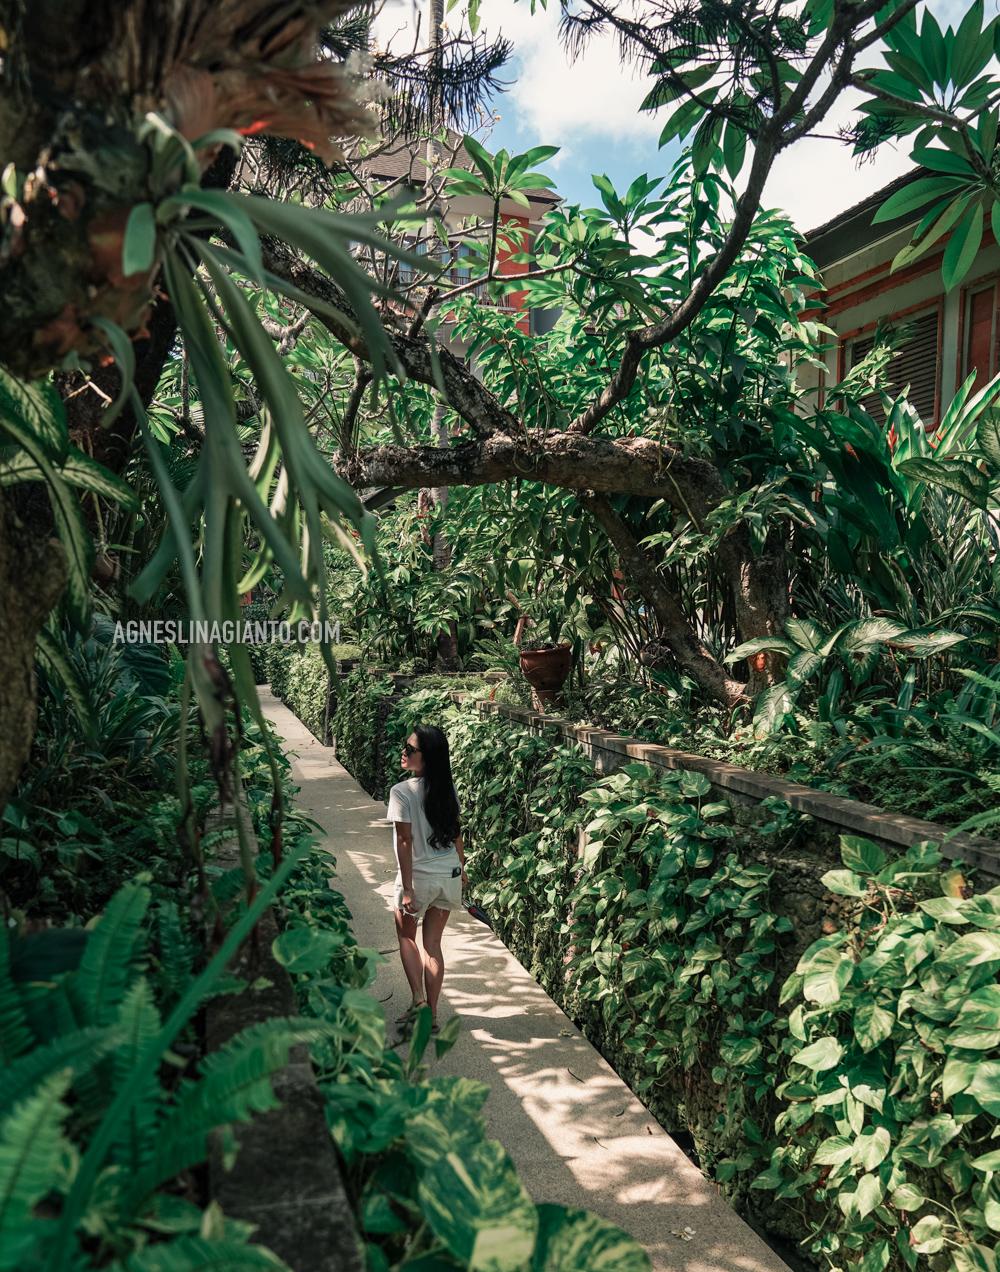 Lush tropical garden